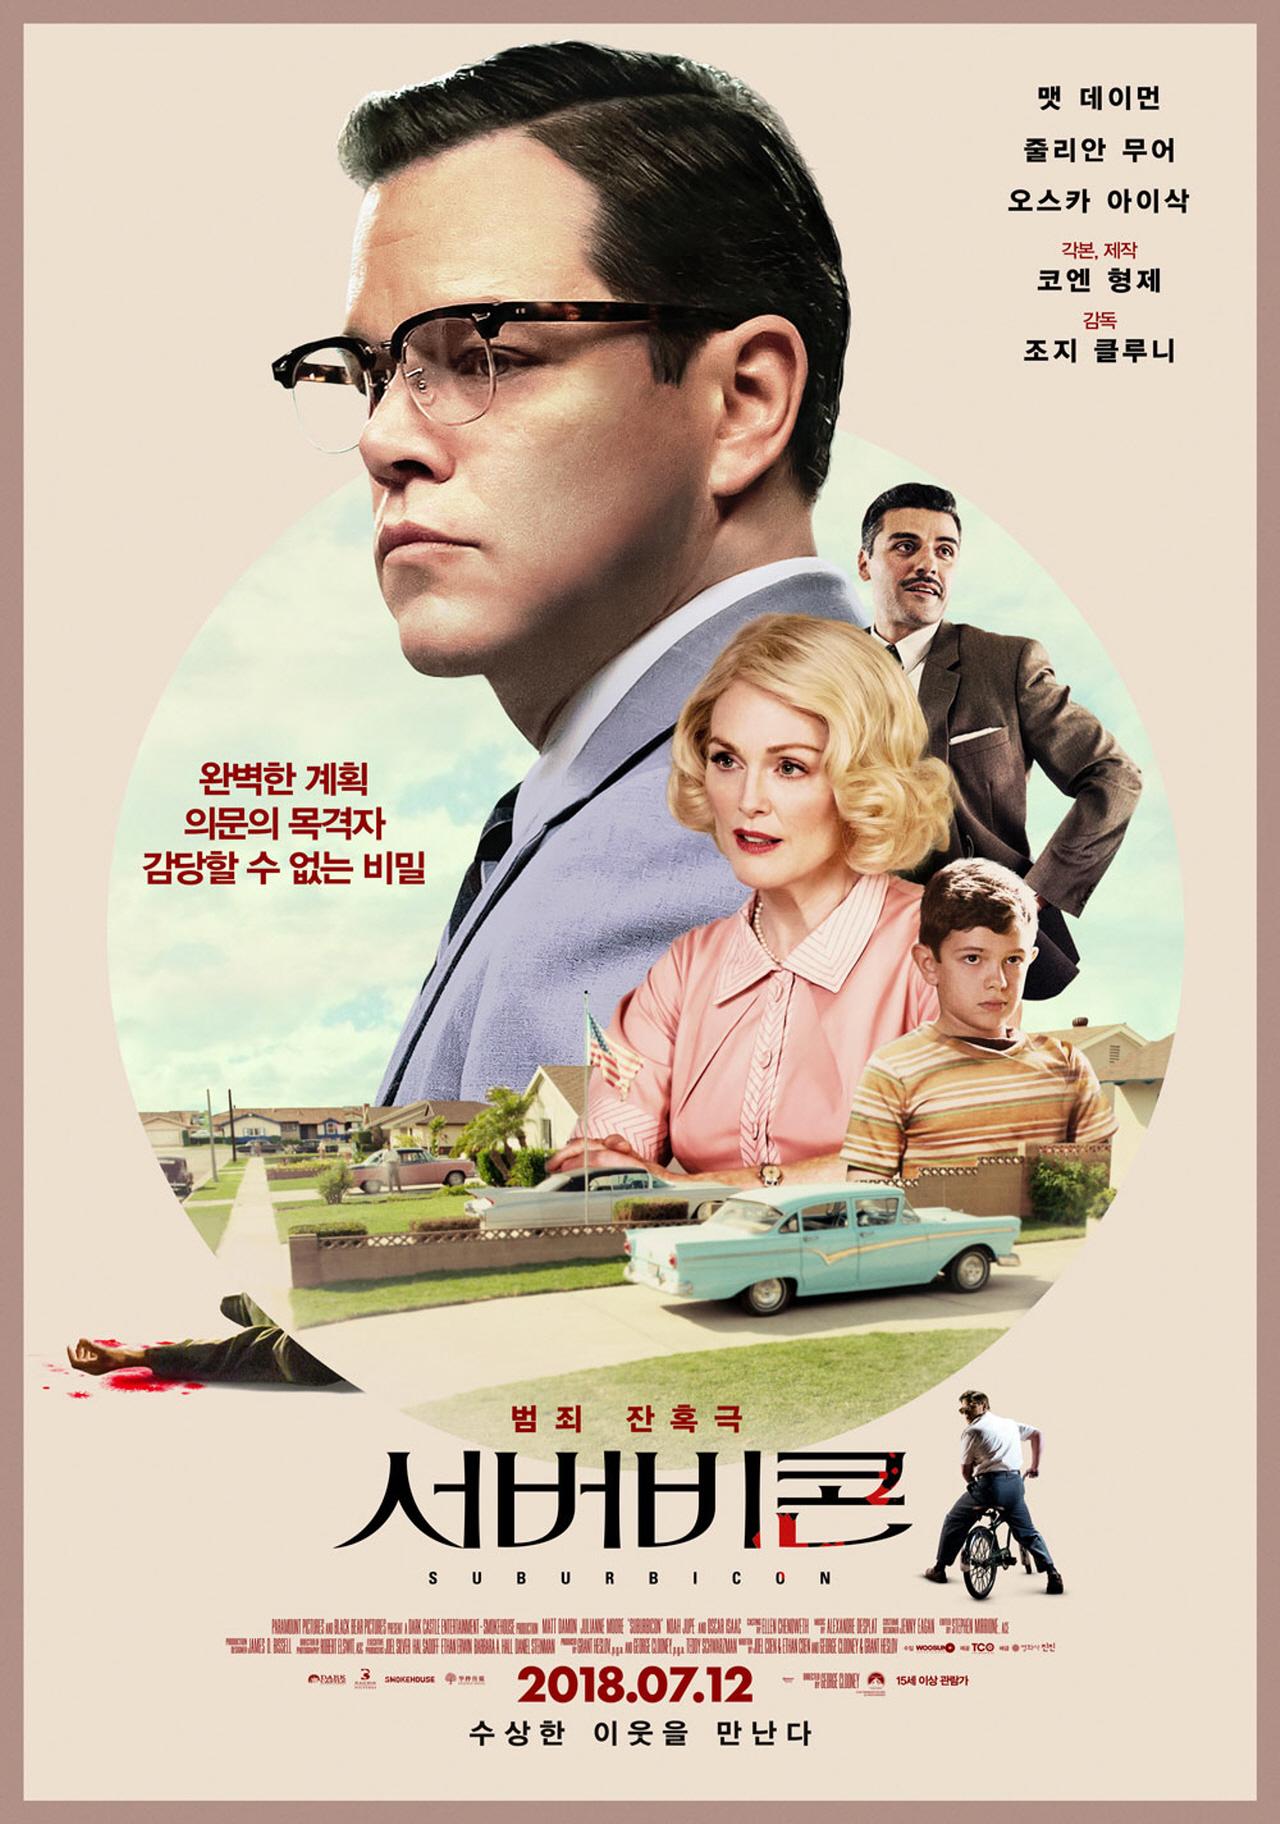 영화 <서버비콘> 메인 포스터.